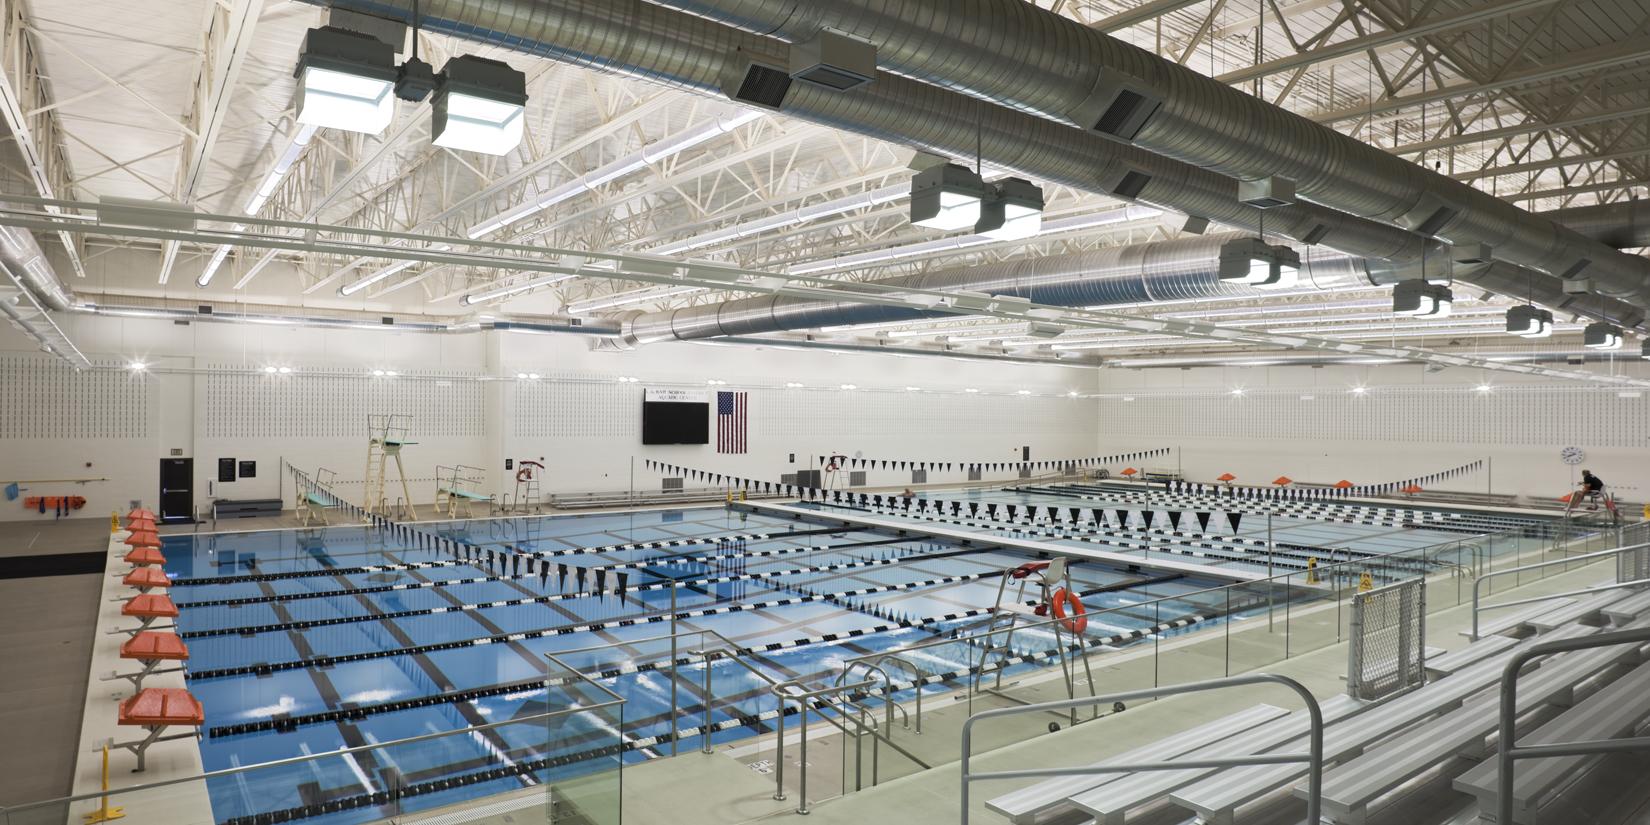 swimming pool-018.jpg